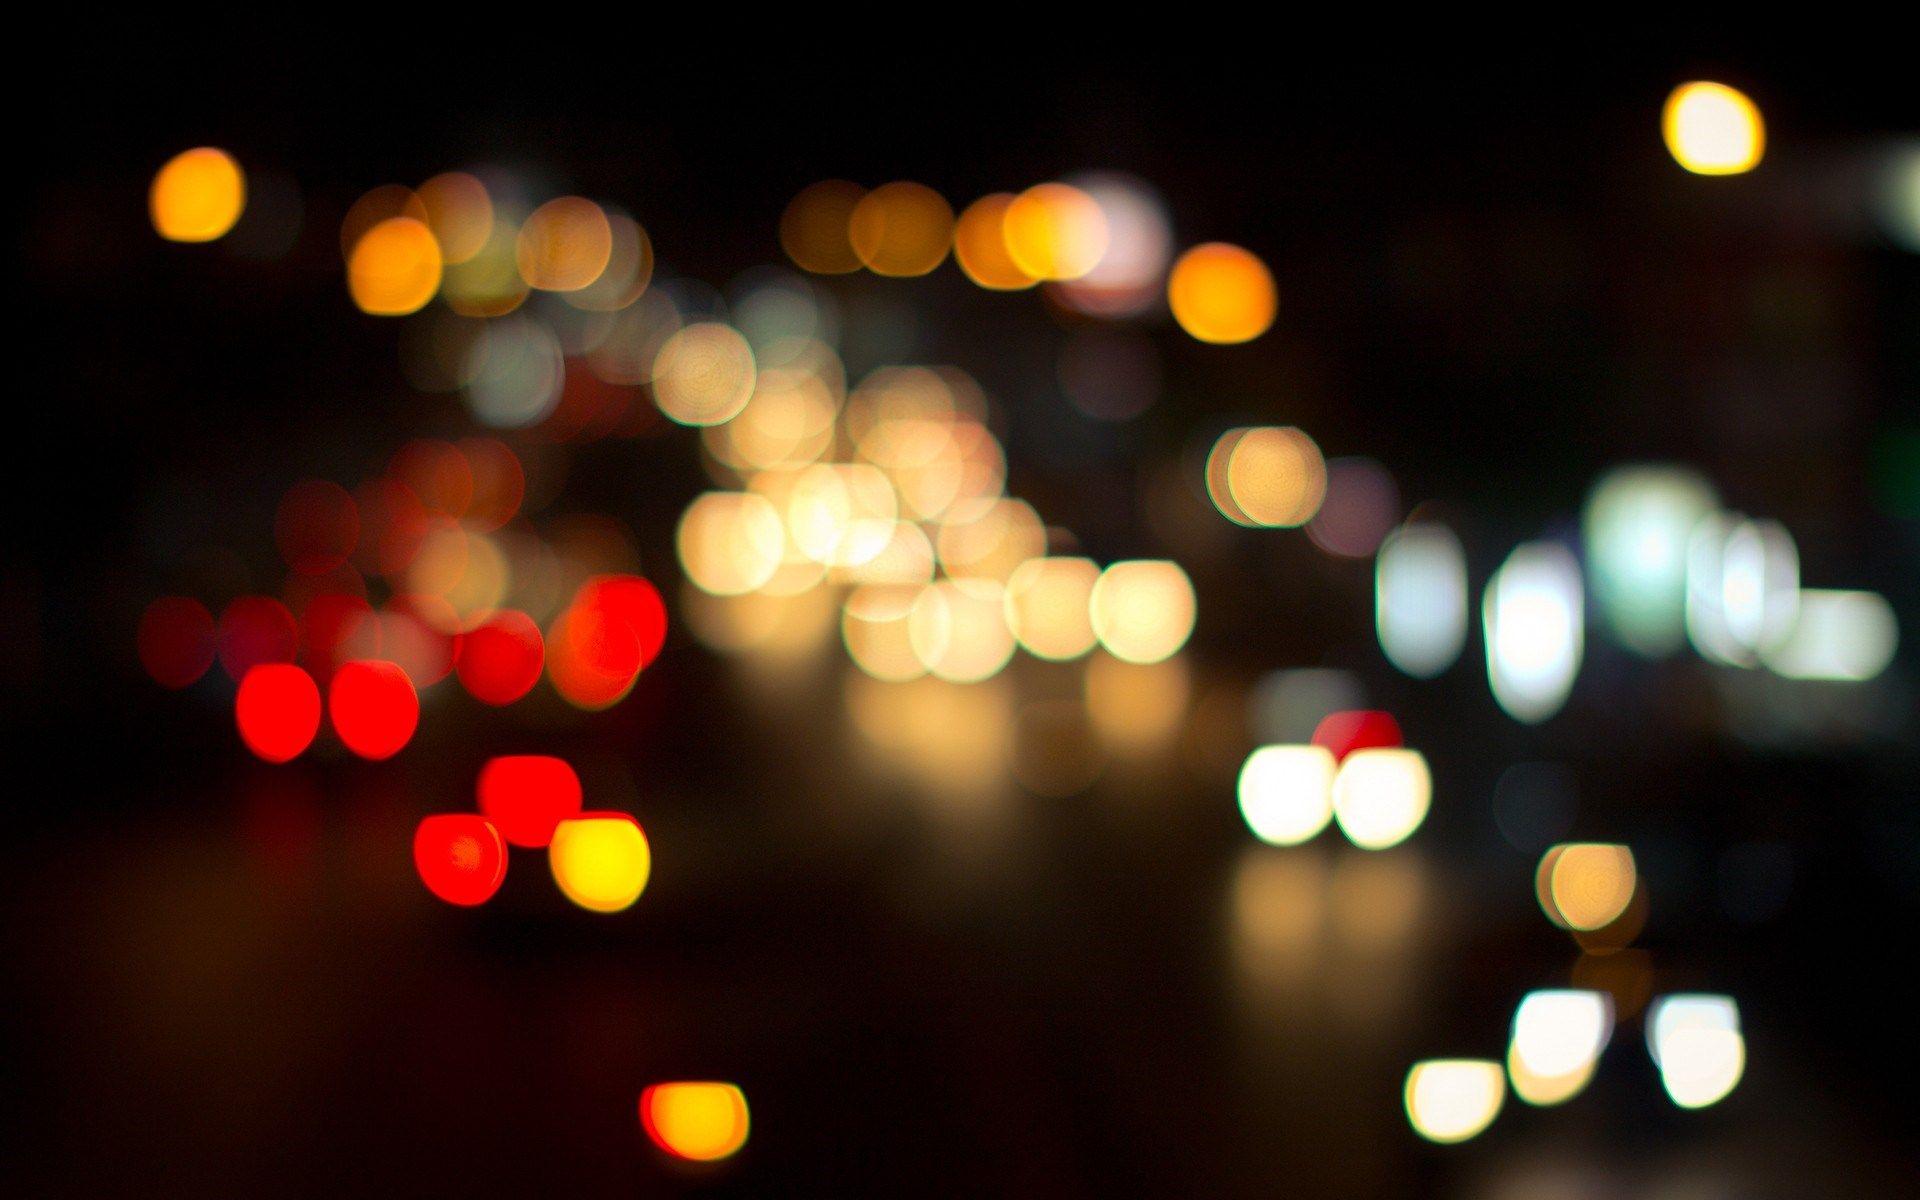 City Lights Nighttime Bokeh | Bokeh Photography | Pinterest | Bokeh ...